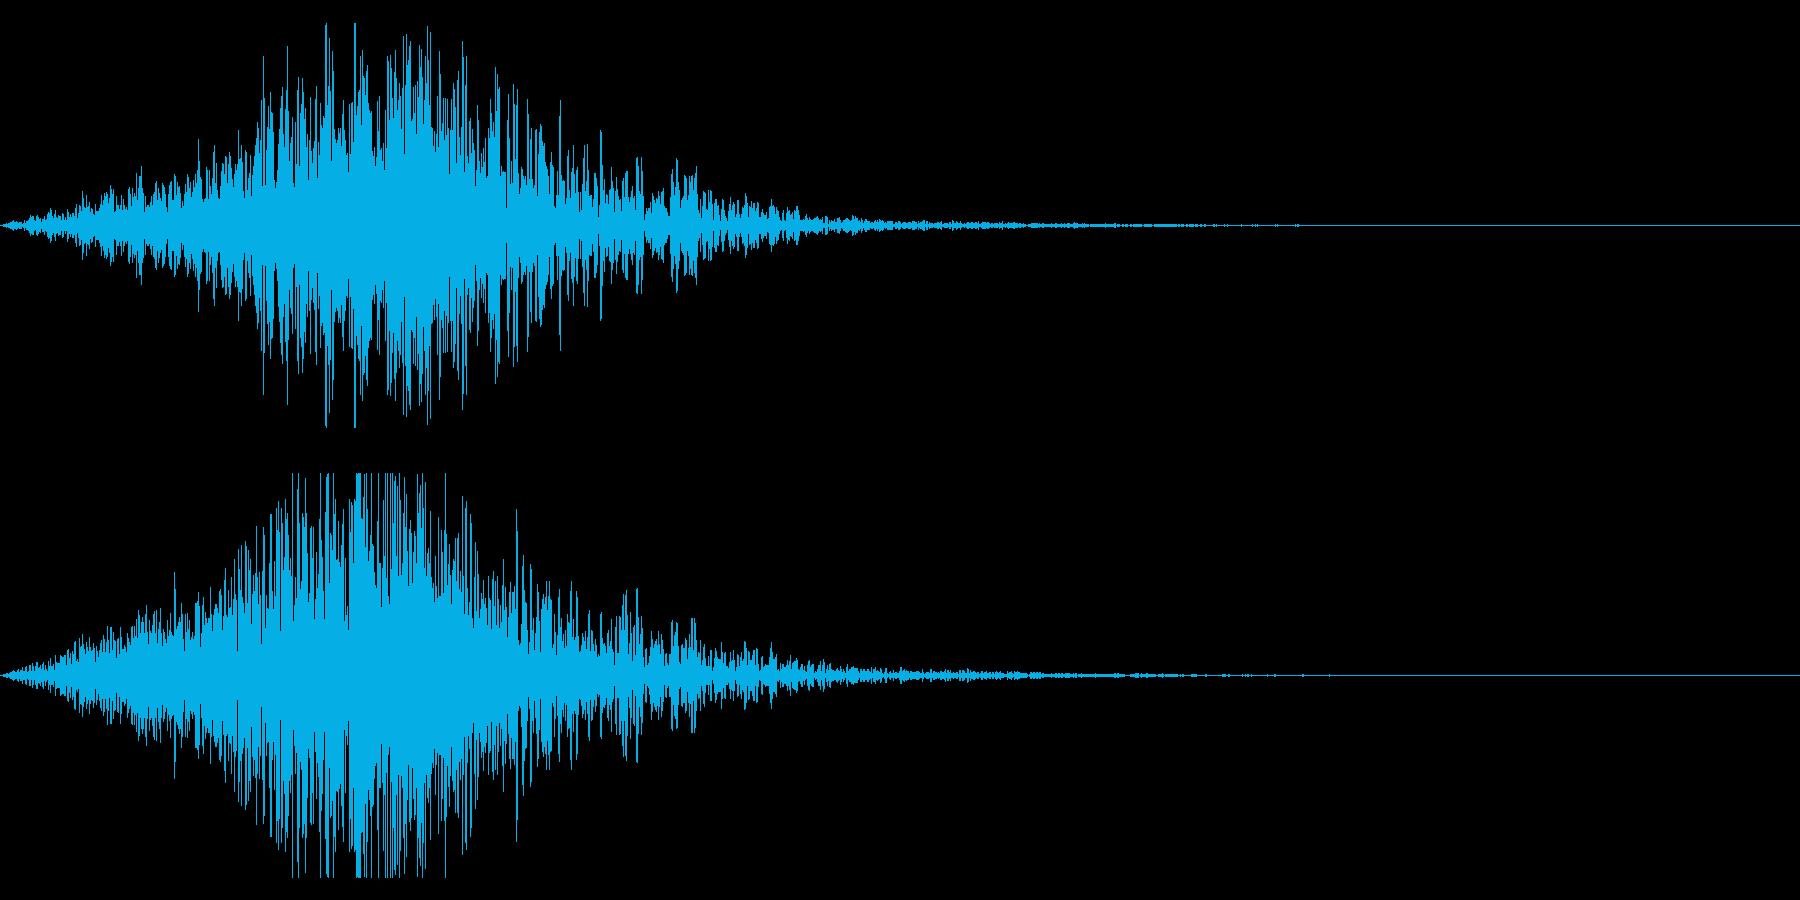 ホラー系アタック音91の再生済みの波形